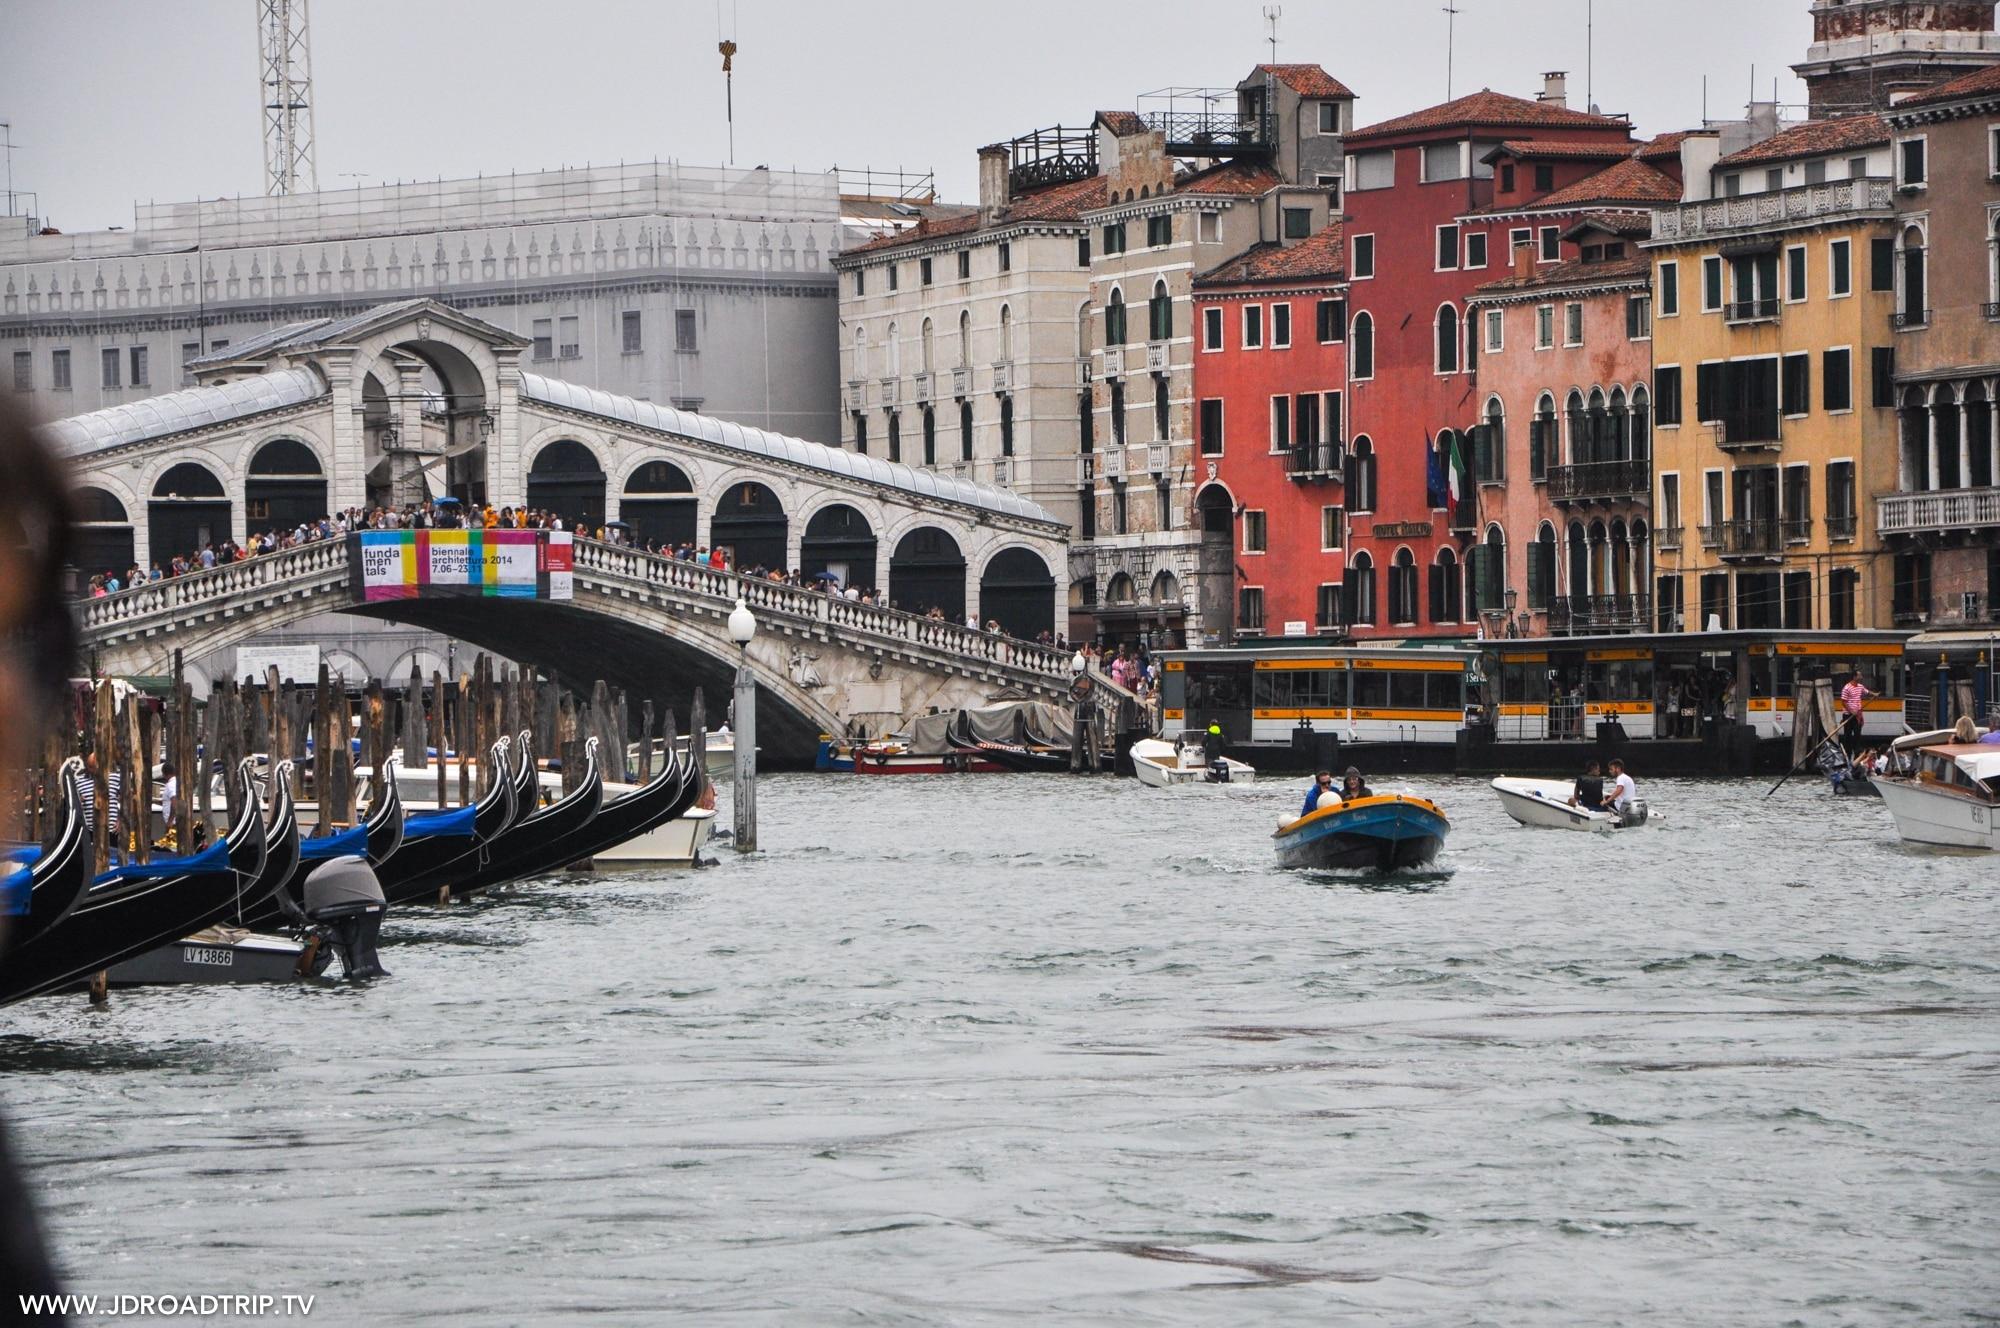 Visiter Venise en 3 jours - Pont Rialto